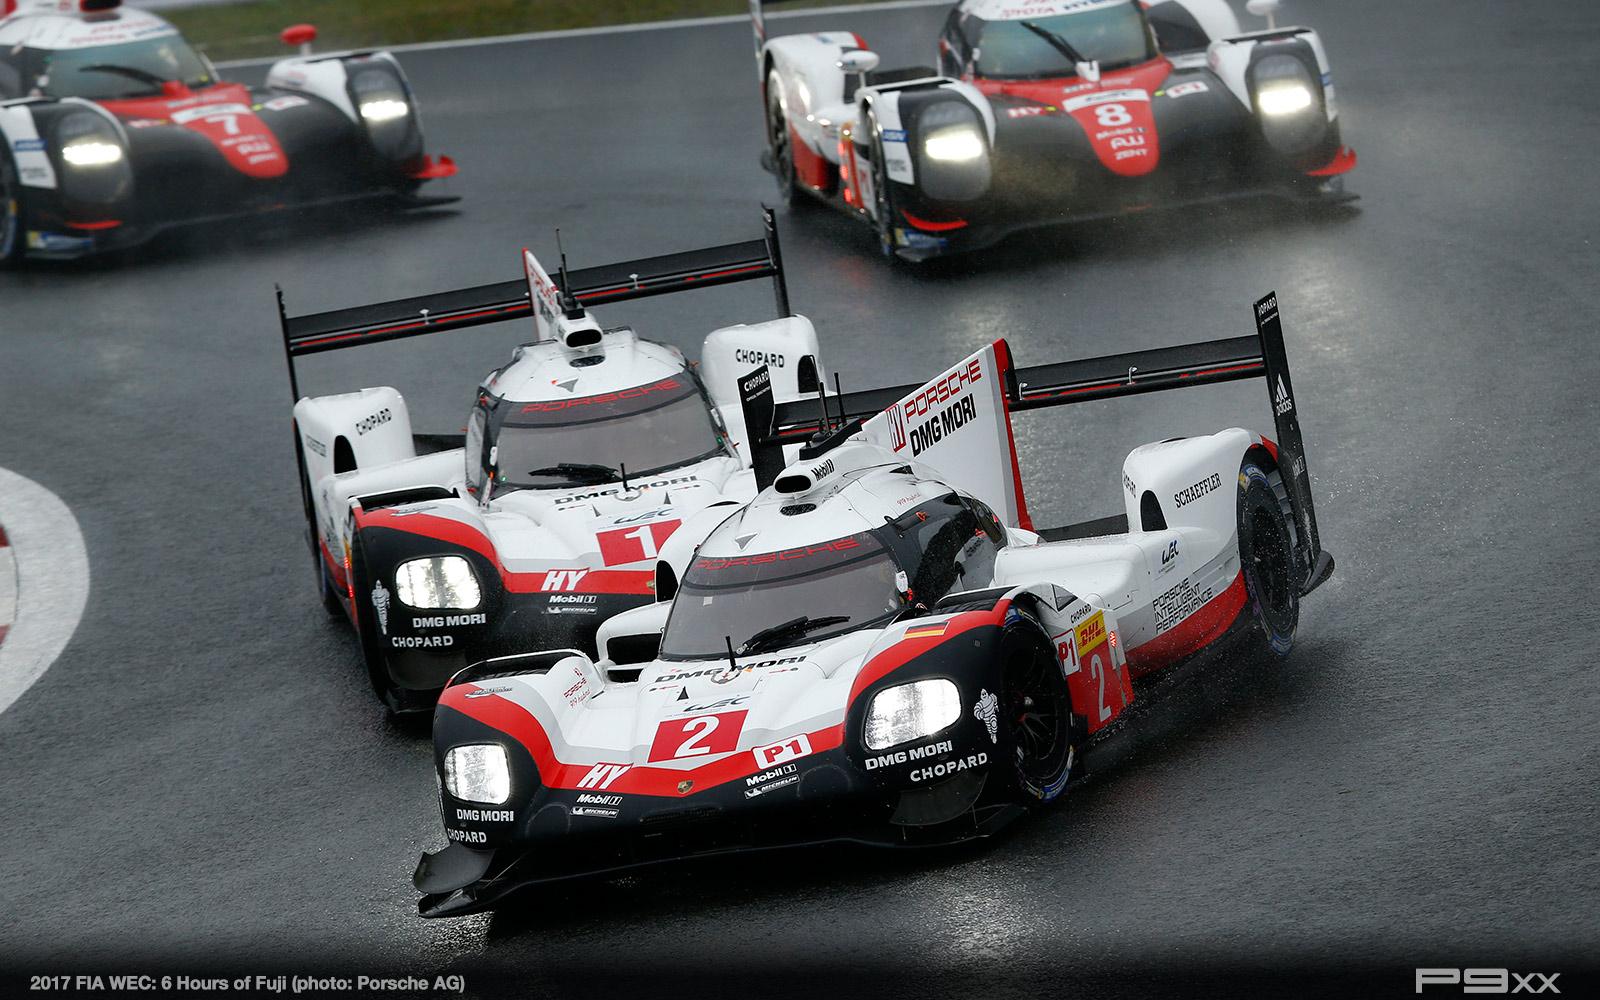 2017-FIA-WEC-6h-of-Fuji-Porsche-436